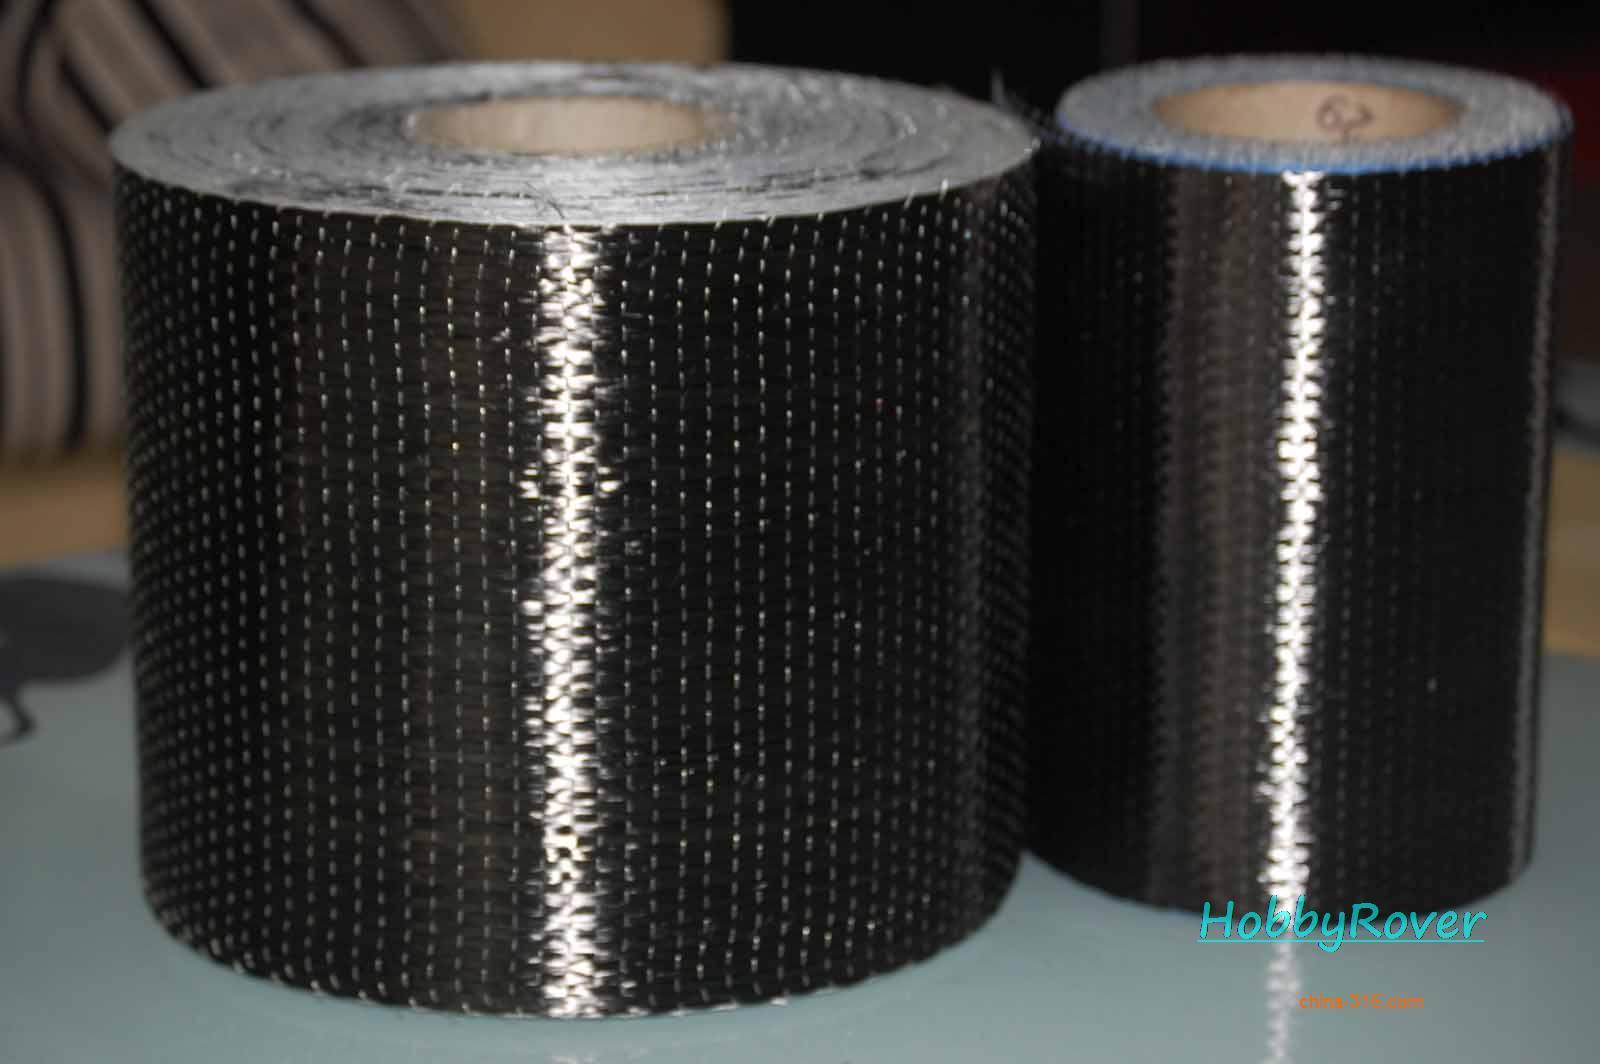 """[Razred A 4.2Gpa] 10 cm / 4 """"širina 200gsm T700 karbonskih vlaken 12 k UD enosmerno krpo tkanine tapnite visoko trdnost"""